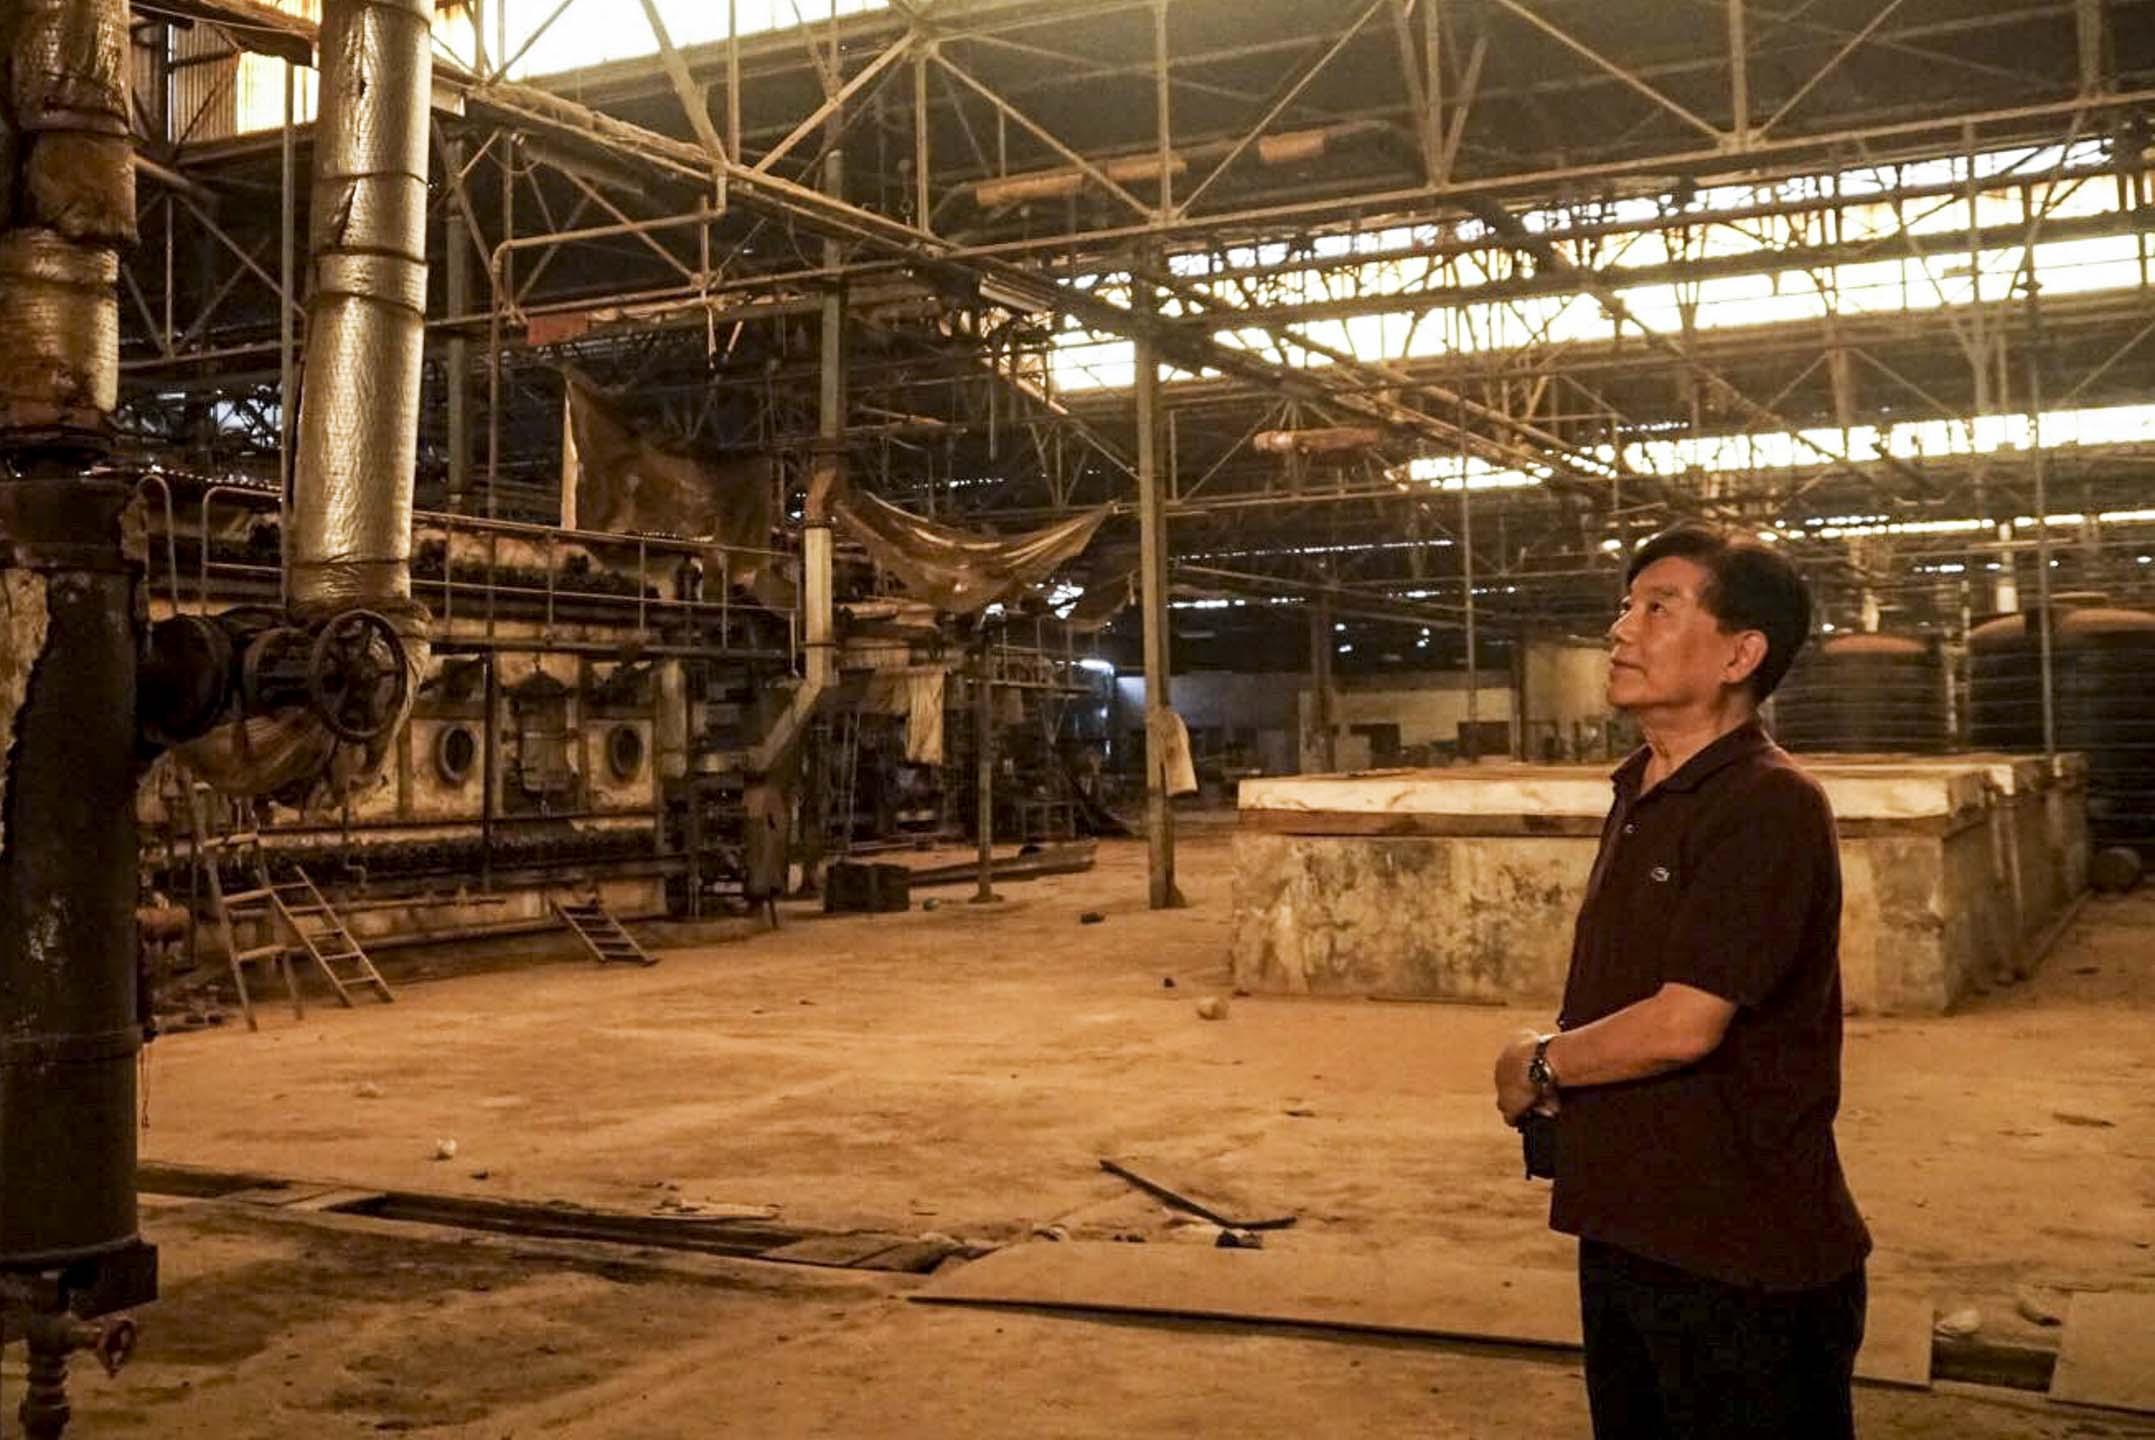 加納紡織公司生產廠房已停止運營,庫房被重整成物流貨倉,這是這間工廠目前的唯一業務。年過78歲的廣良宇踱步到一台印花機前,不無惋惜。 攝影:張子竹